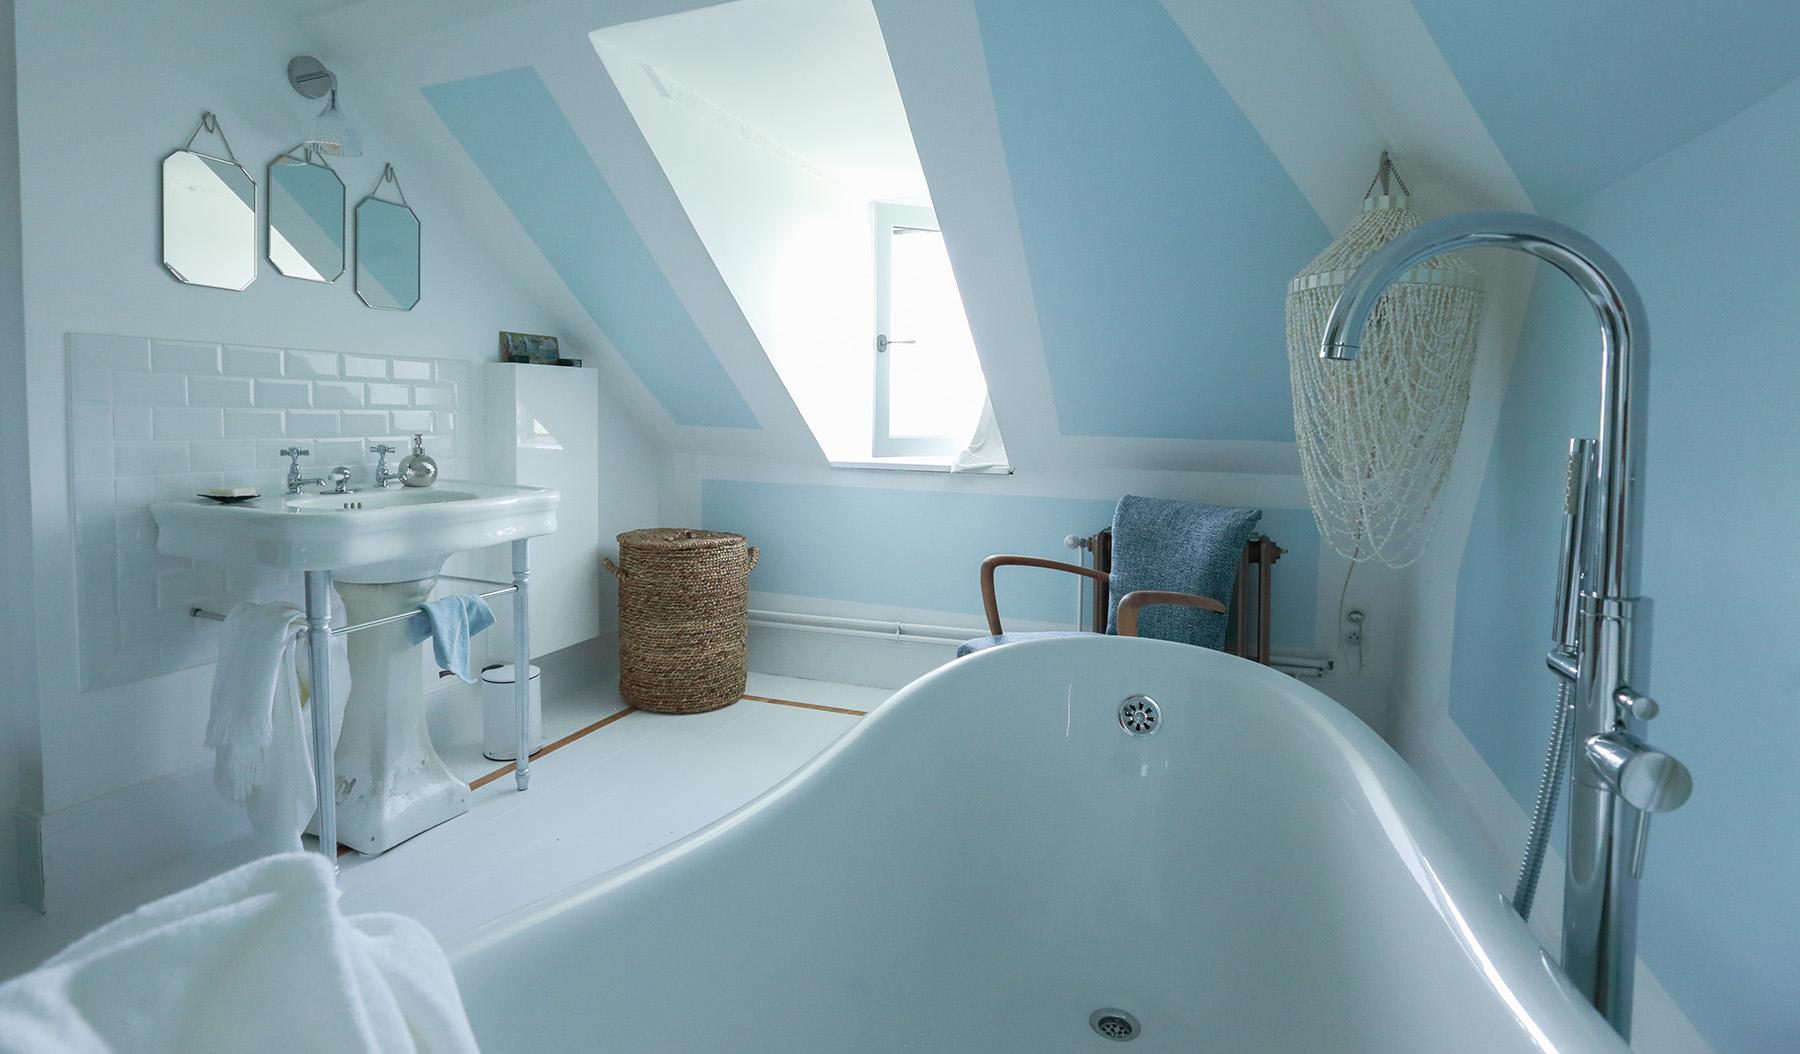 salle-de-bain-bleu-blanc-bois-rotin-bambou-jacinthe-eau-nacre-coquillage-fauteuil-bridge-sanitaire-ancien-vintage